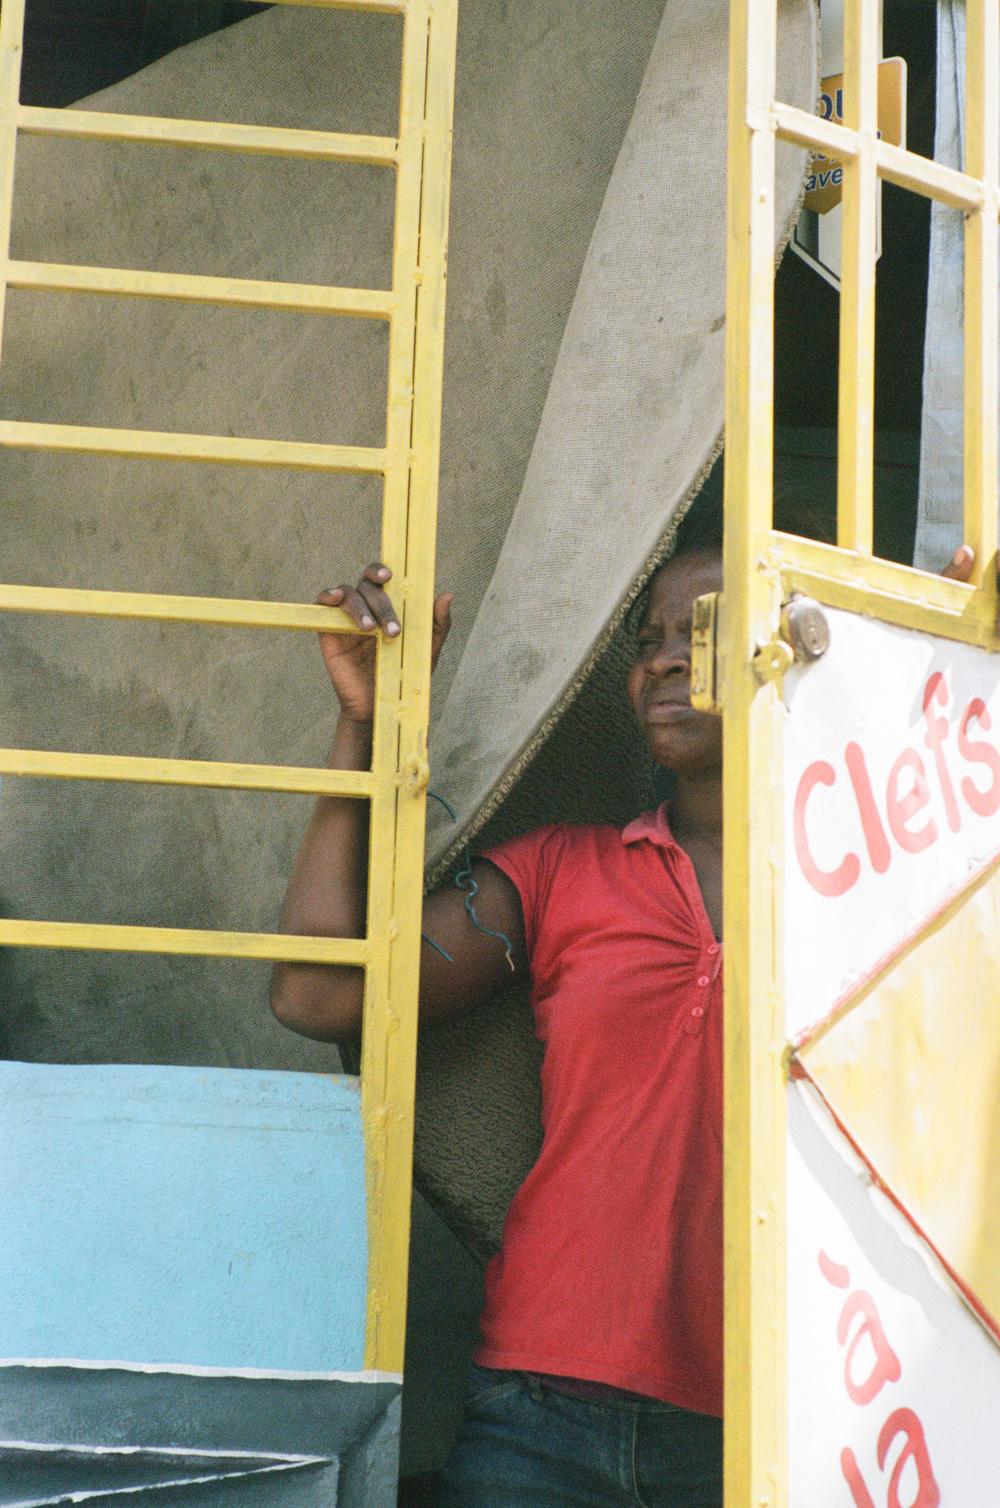 haiti022-759805030011.jpg